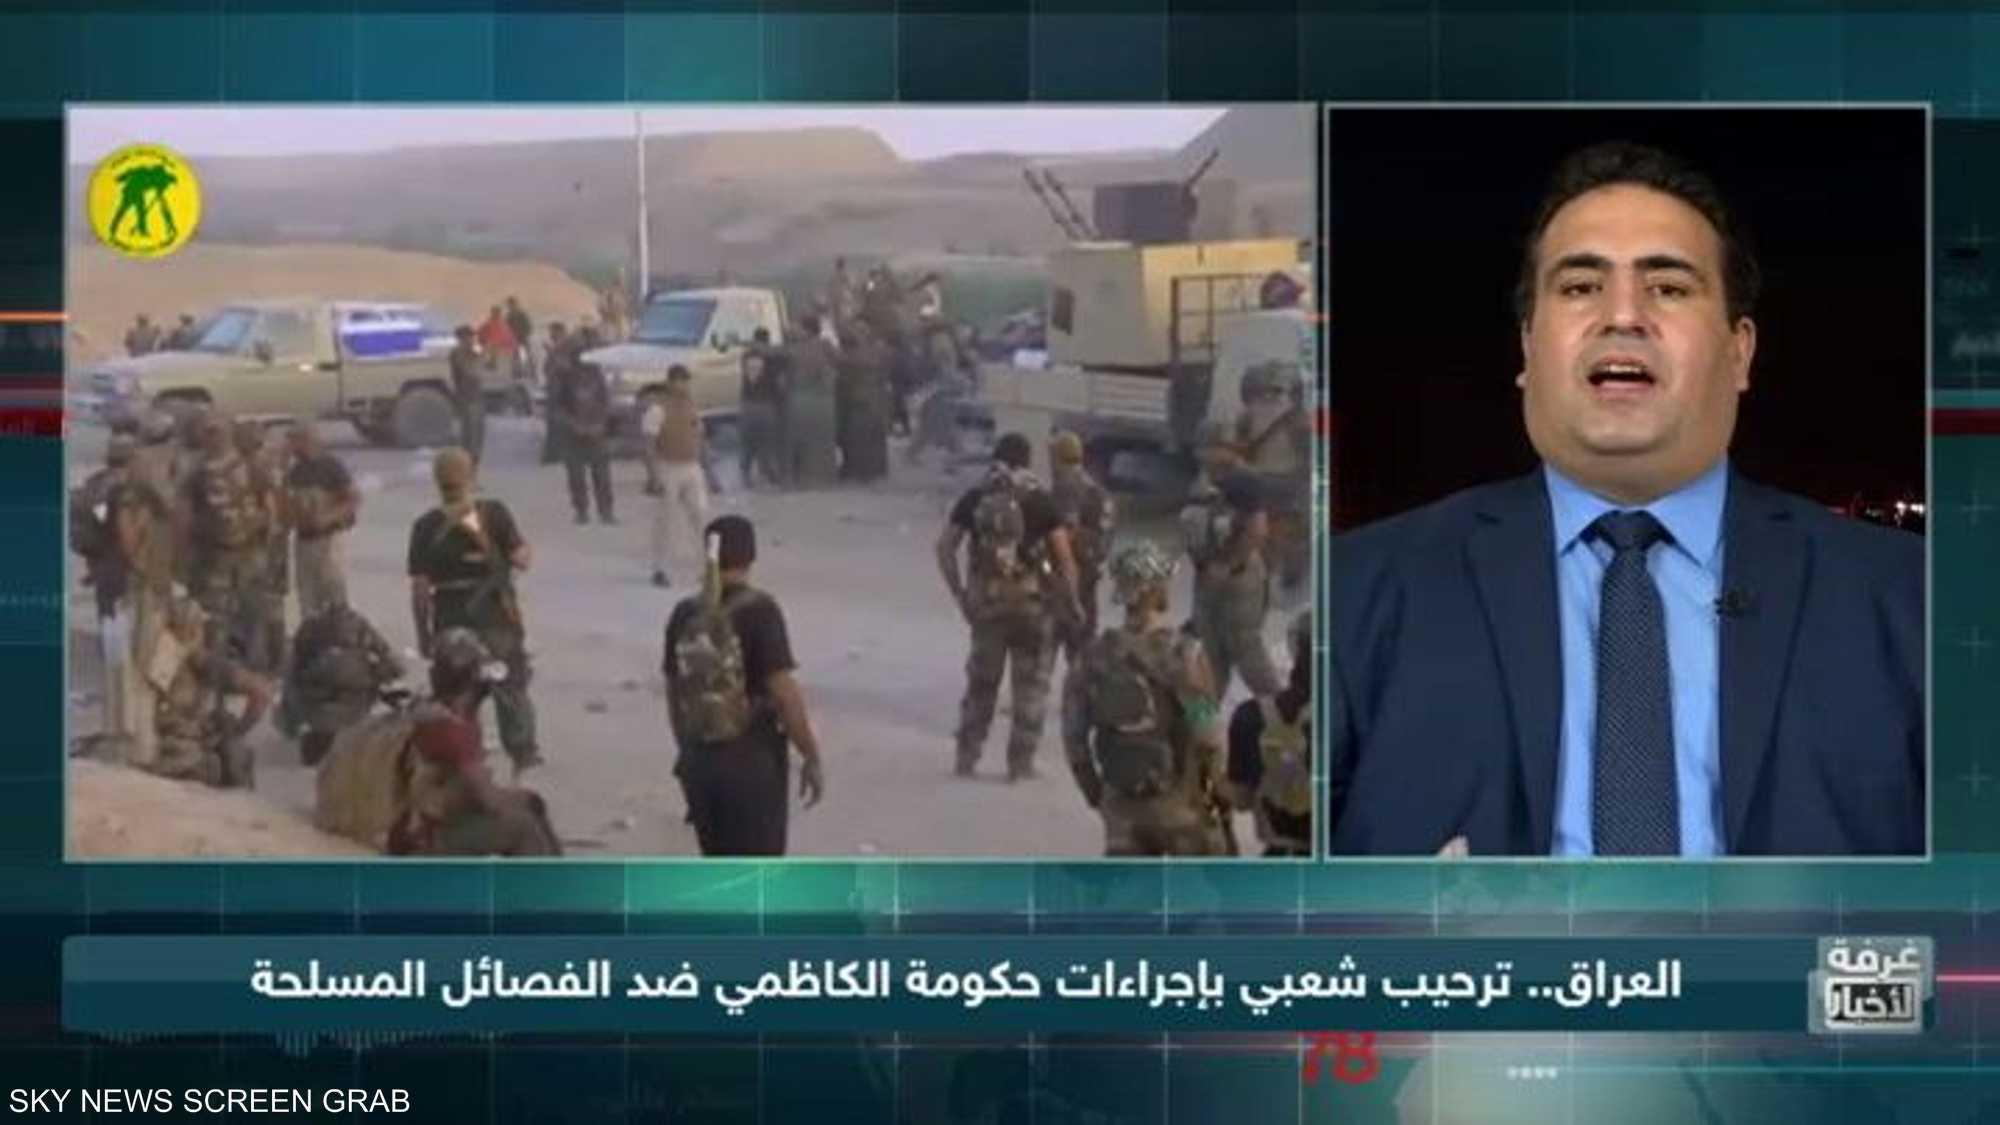 العراق.. الدولة تحسم في مواجهة الفصائل المسلحة